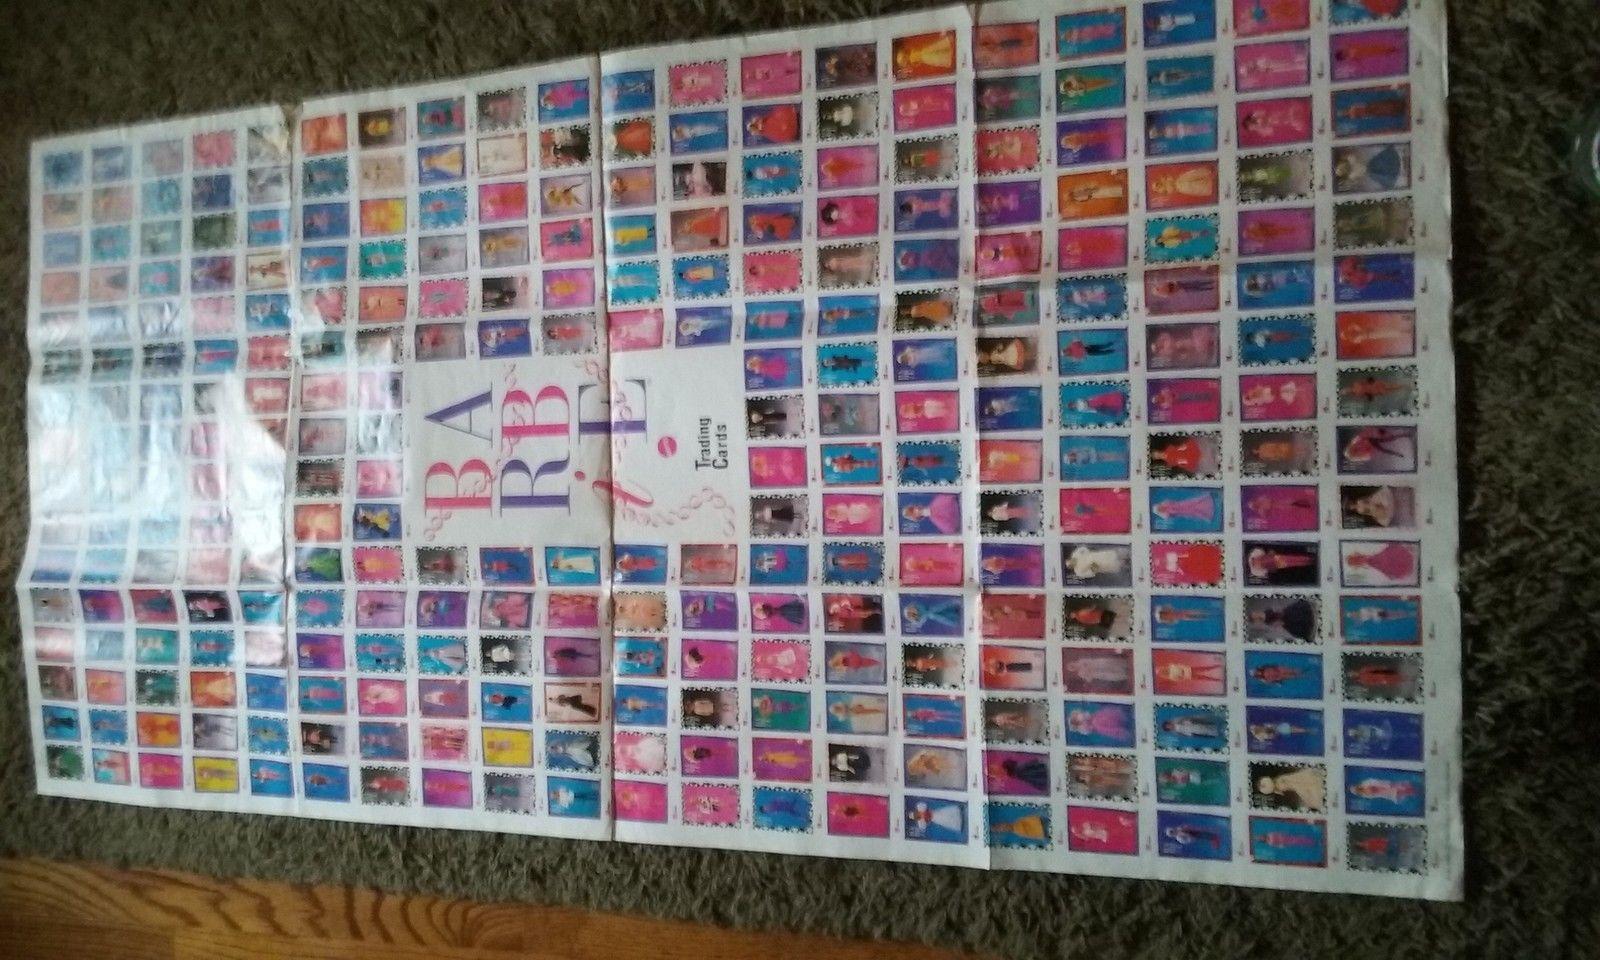 1990 Barie Collector Card Poster   eBay Son 20 filas verticales y 16 tarjetas por fila son 320 tarjetas retratadas en el poster del vendedor.